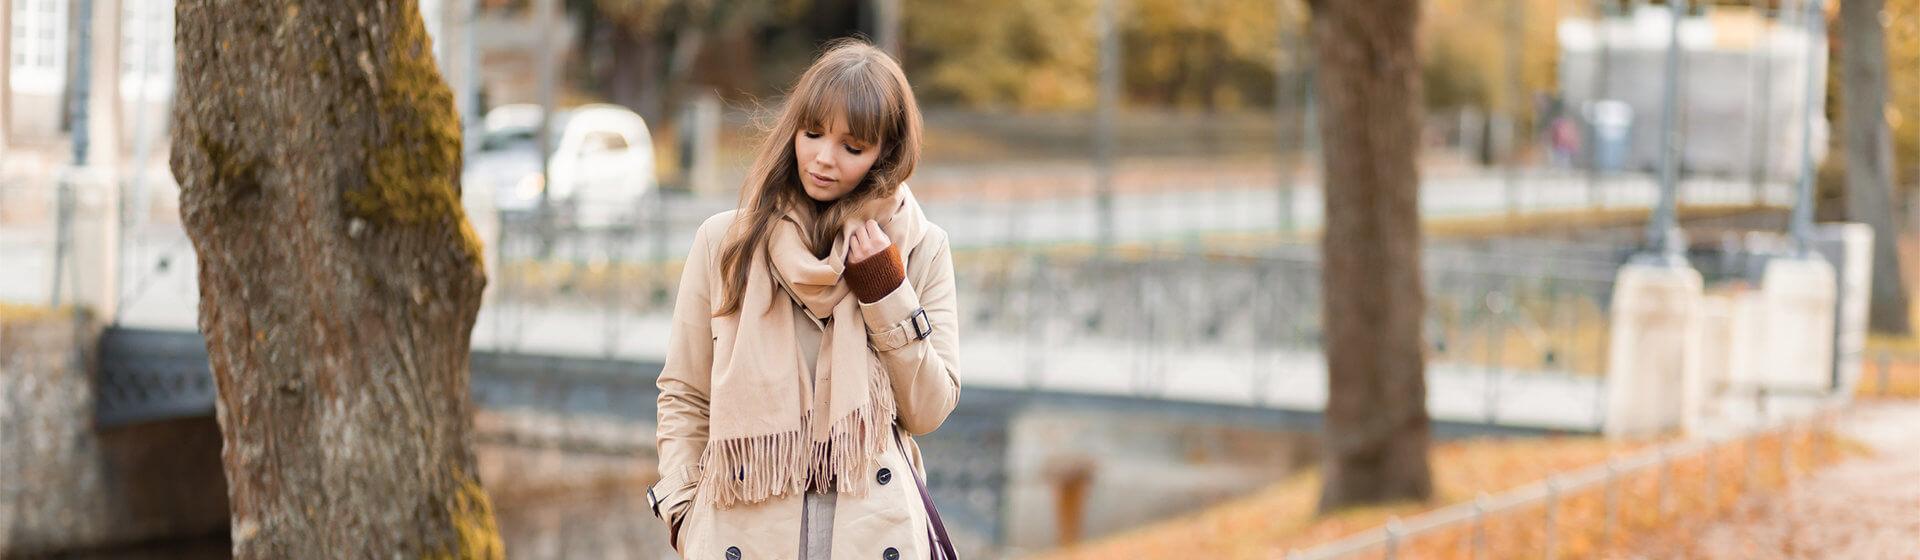 Herbst Basics für stilvolle Outfits, Trenchcoat, klassische Stiefeletten, Trendstoff Cord, Shoelove by Deichmann